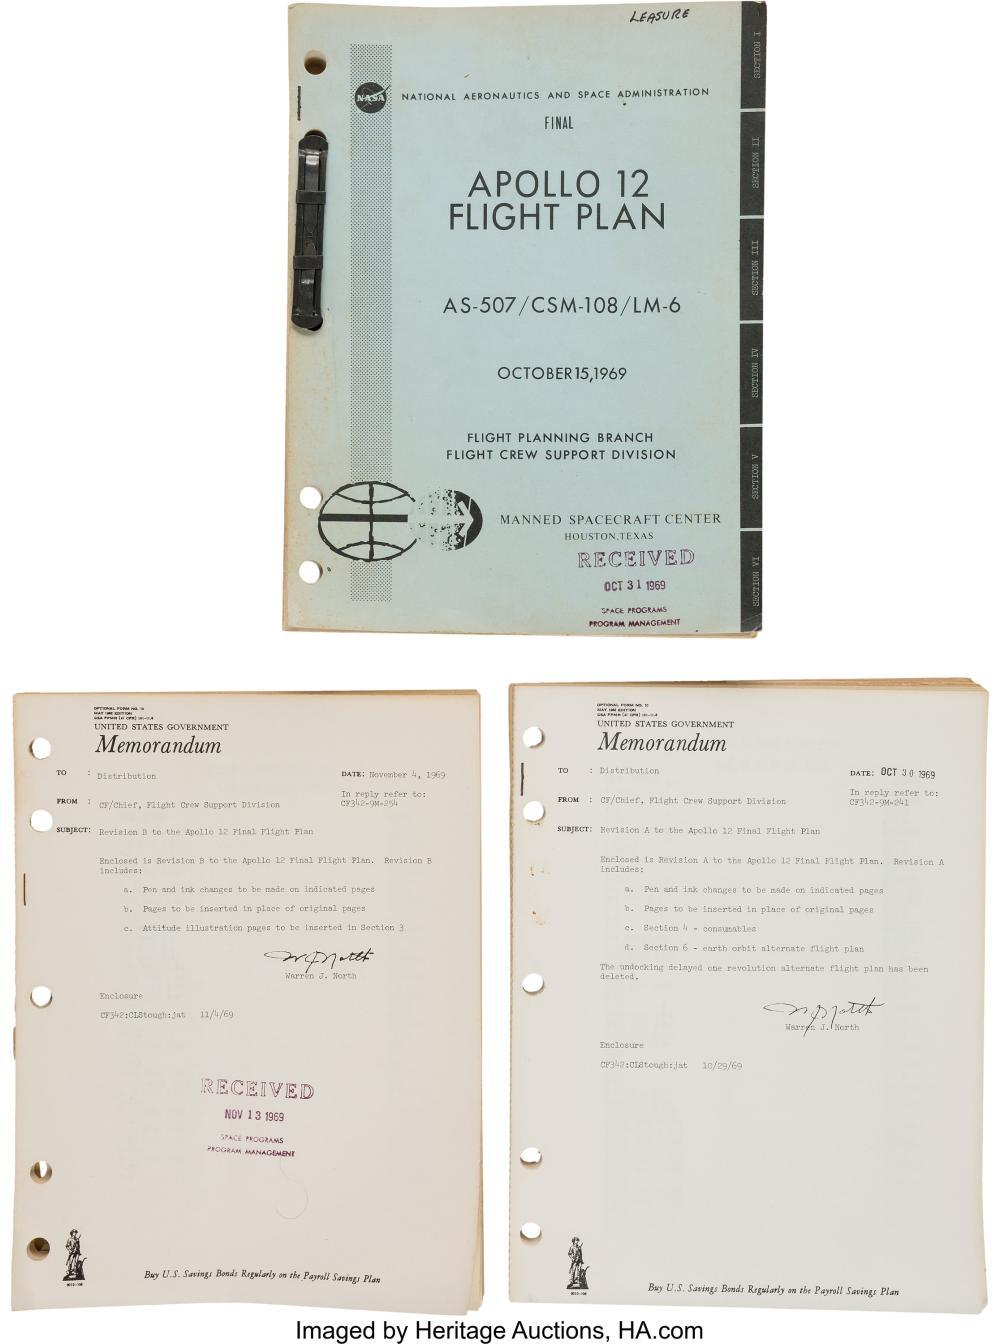 nasa apollo flight plan - photo #29